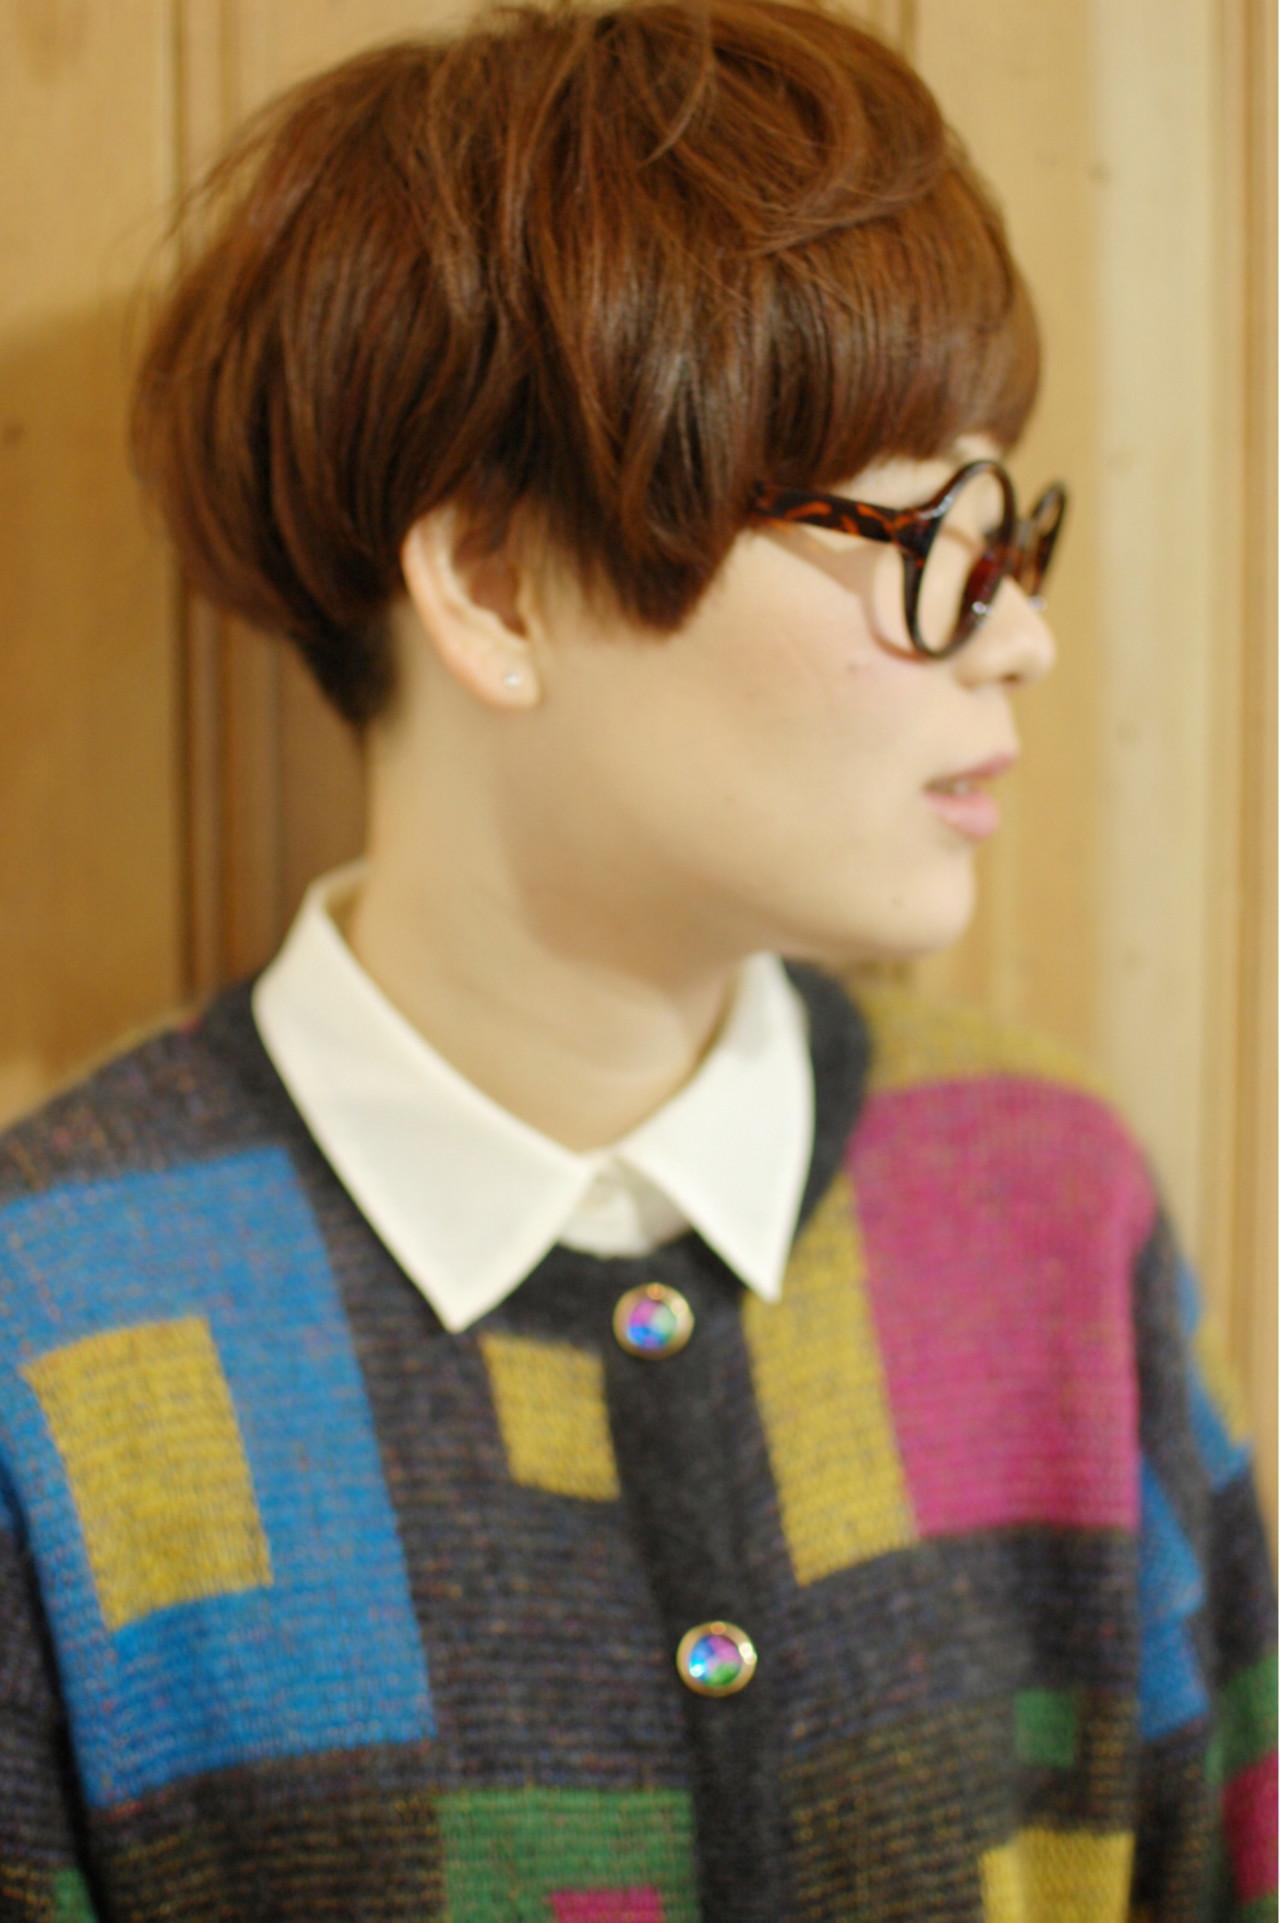 オン眉×ショートボブといえば木村カエラさん L'atelier Content